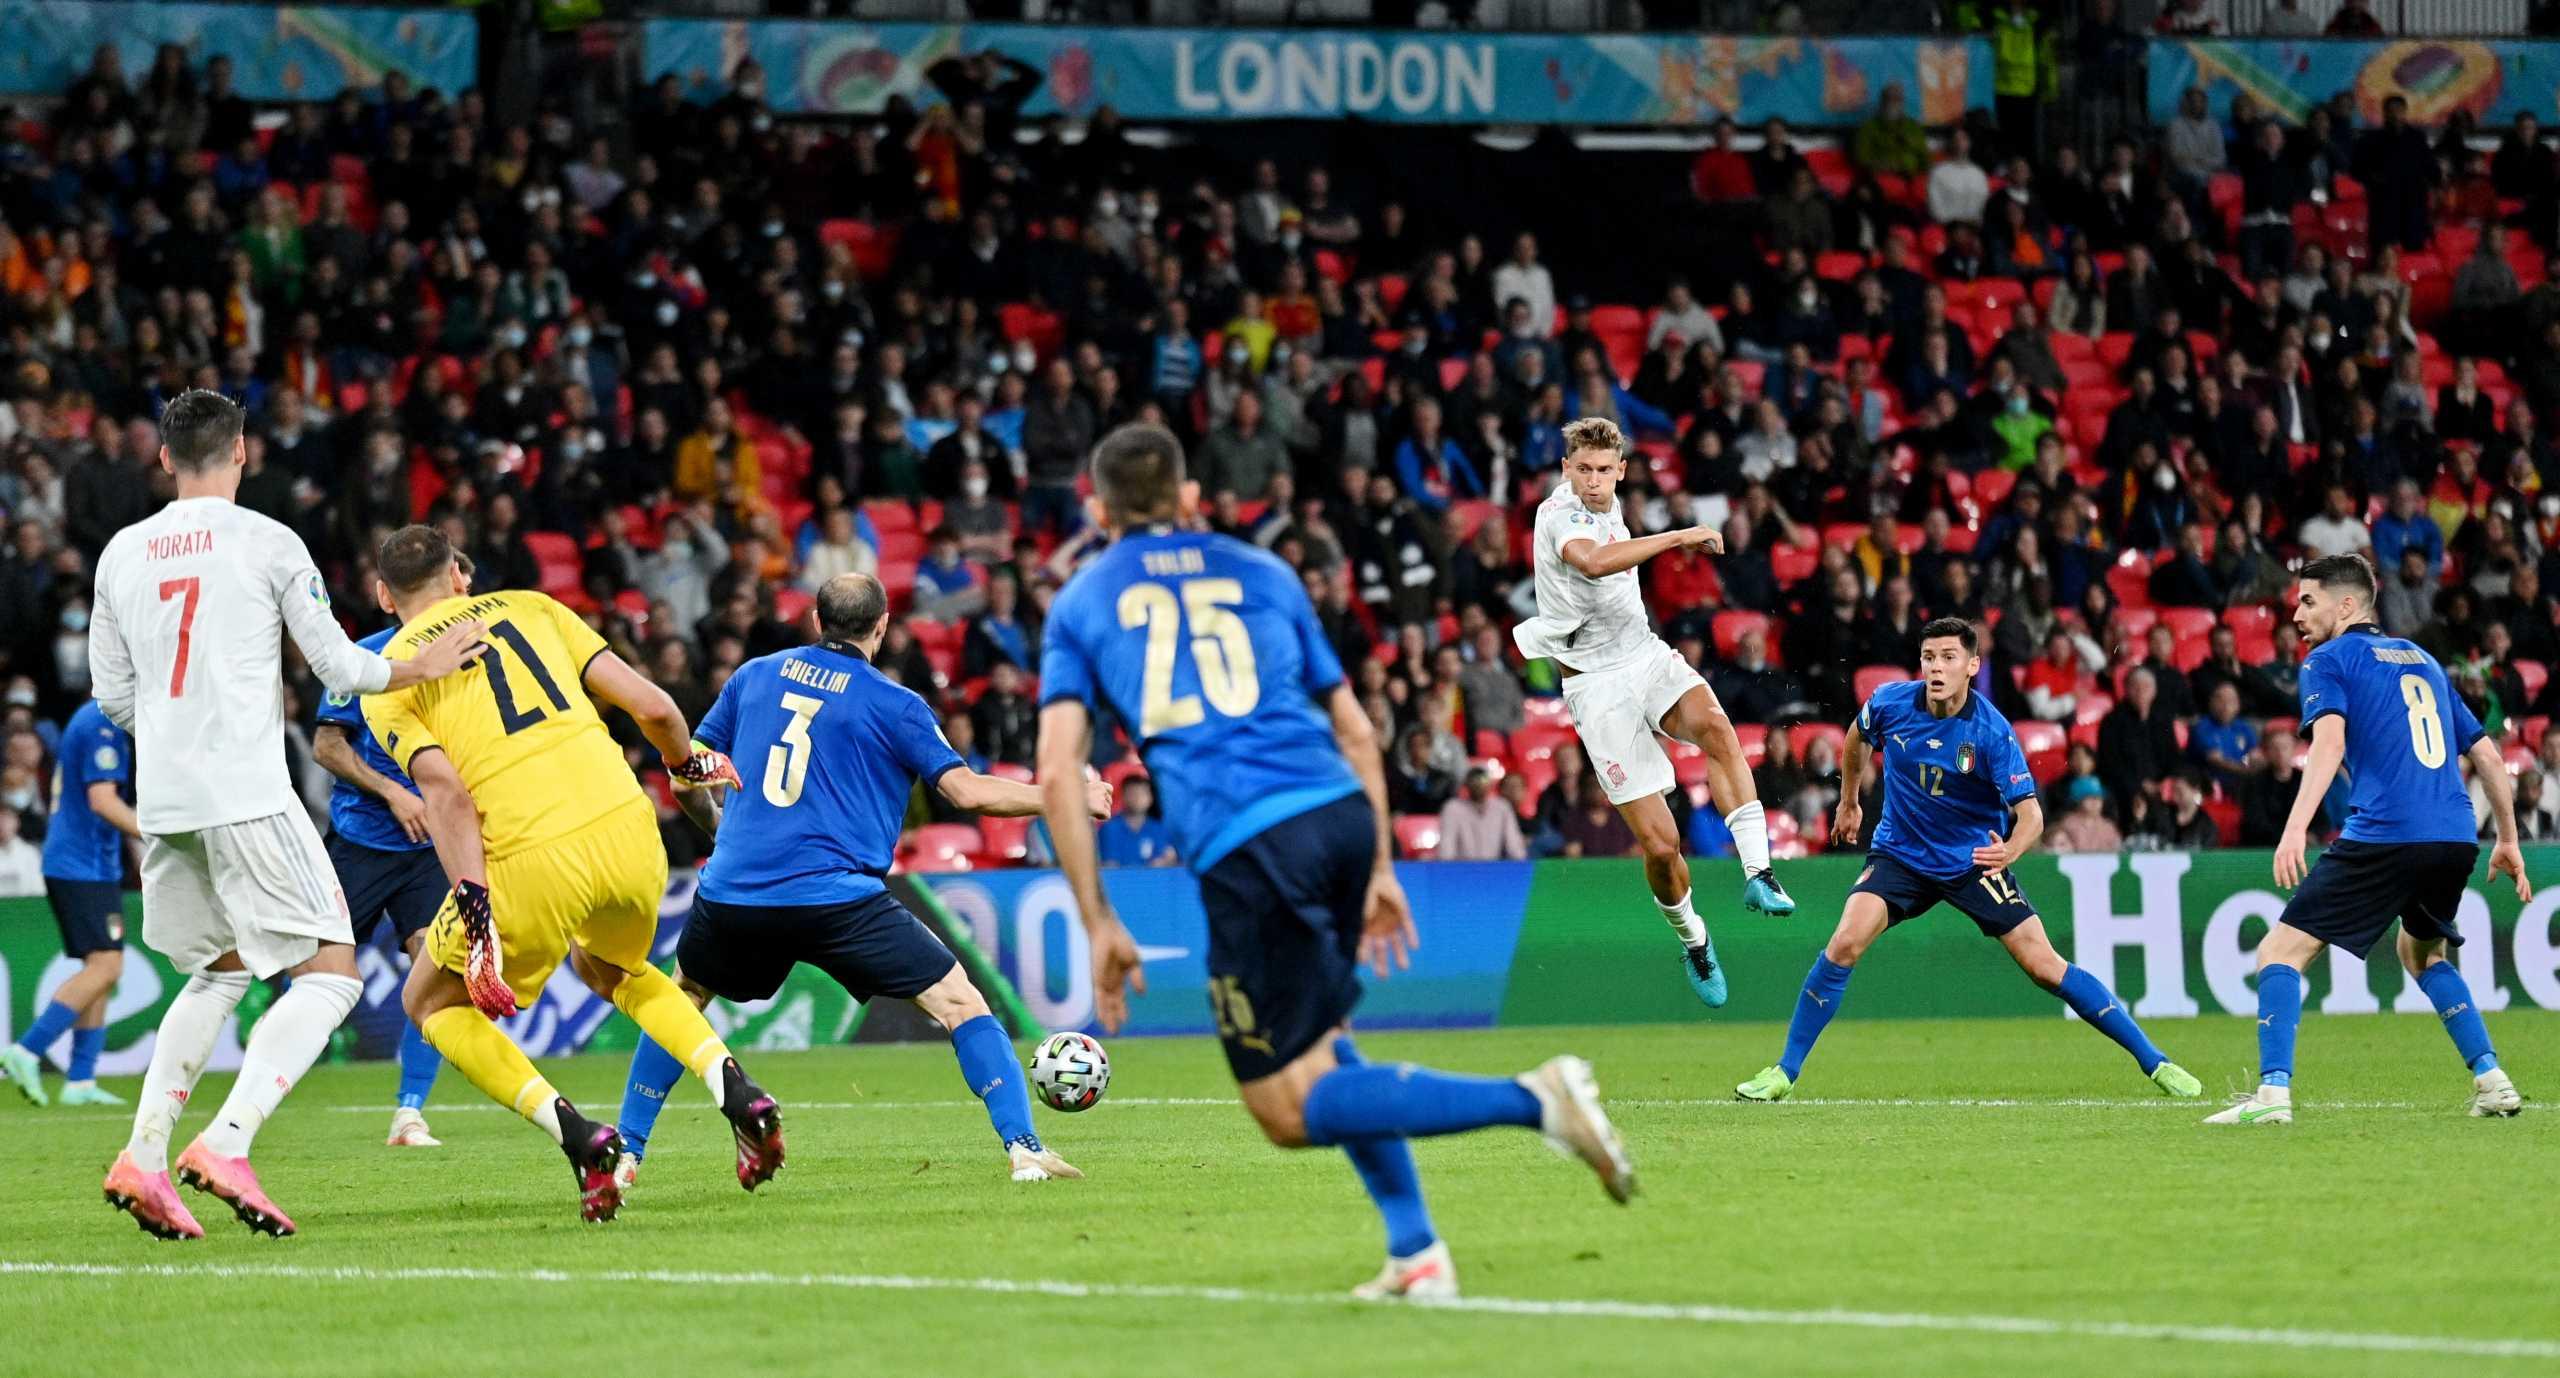 """Euro 2020, Ιταλία – Ισπανία 1-1 ΤΕΛΙΚΟ: Οι """"Ατζούρι"""" πήραν το """"εισιτήριο"""" στα πέναλτι (4-2)"""